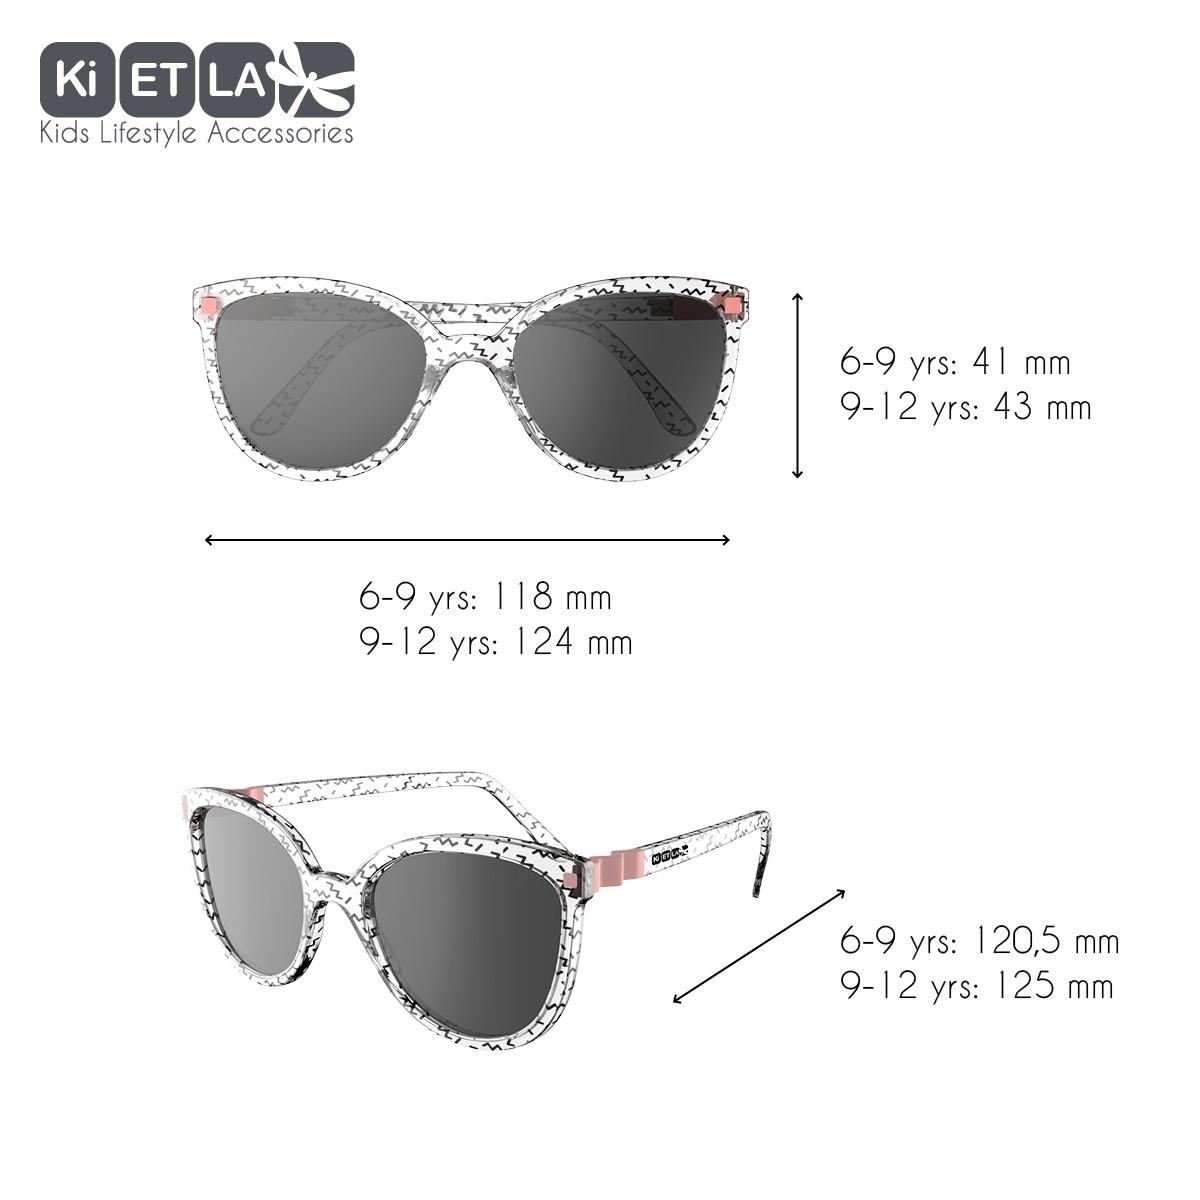 Hochwertige Kinder-Sonnenbrille von Ki ET LA